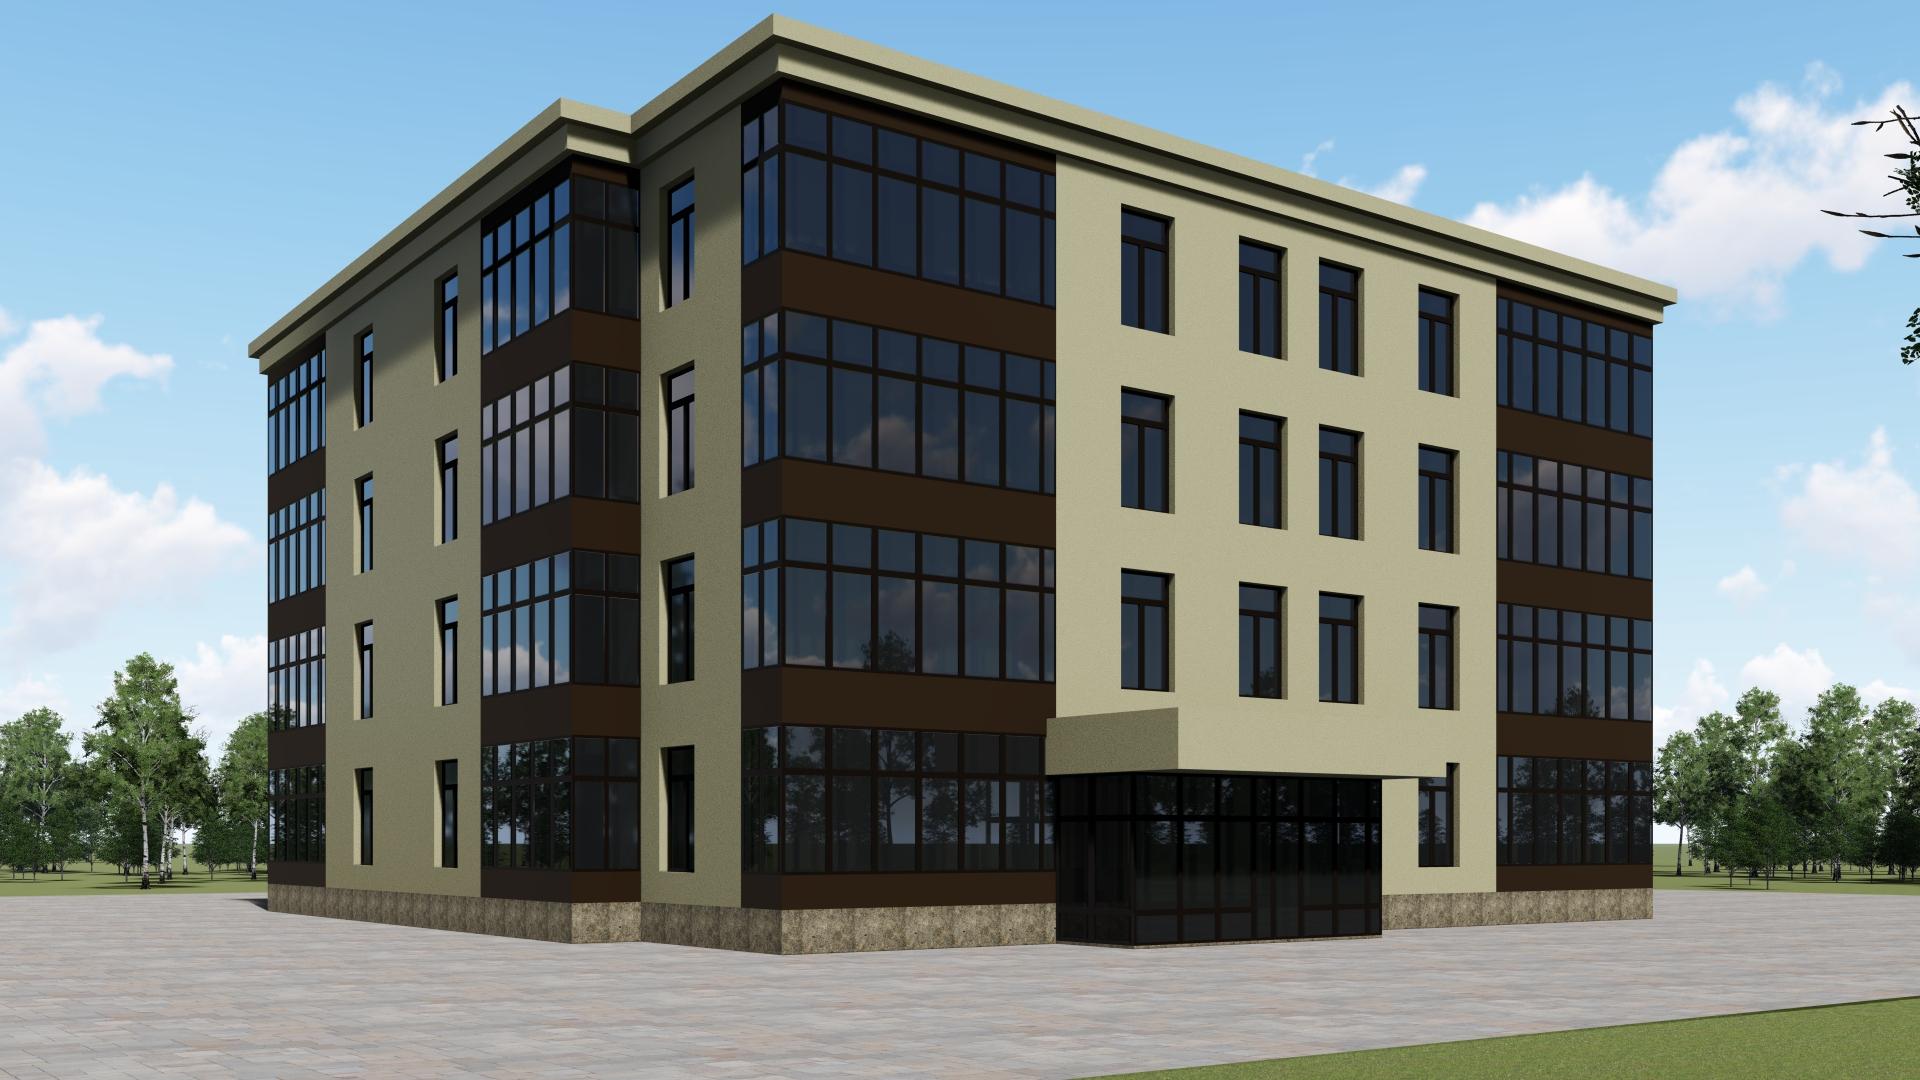 LVL-брус применяется и при возведении многоквартирных домов. Четырехэтажный деревянный быстровозводимый дом